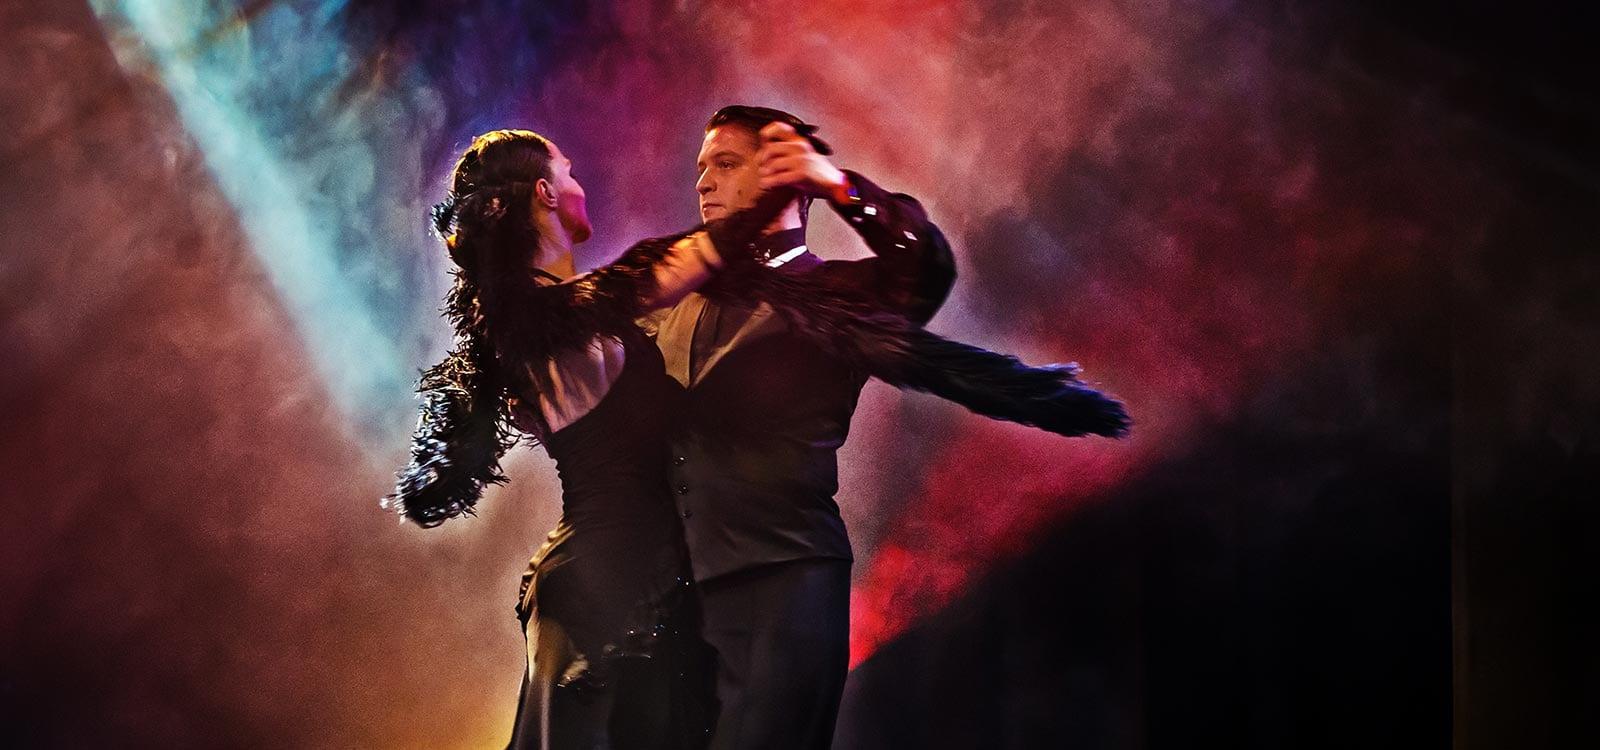 Bailar es un viaje, no un destino